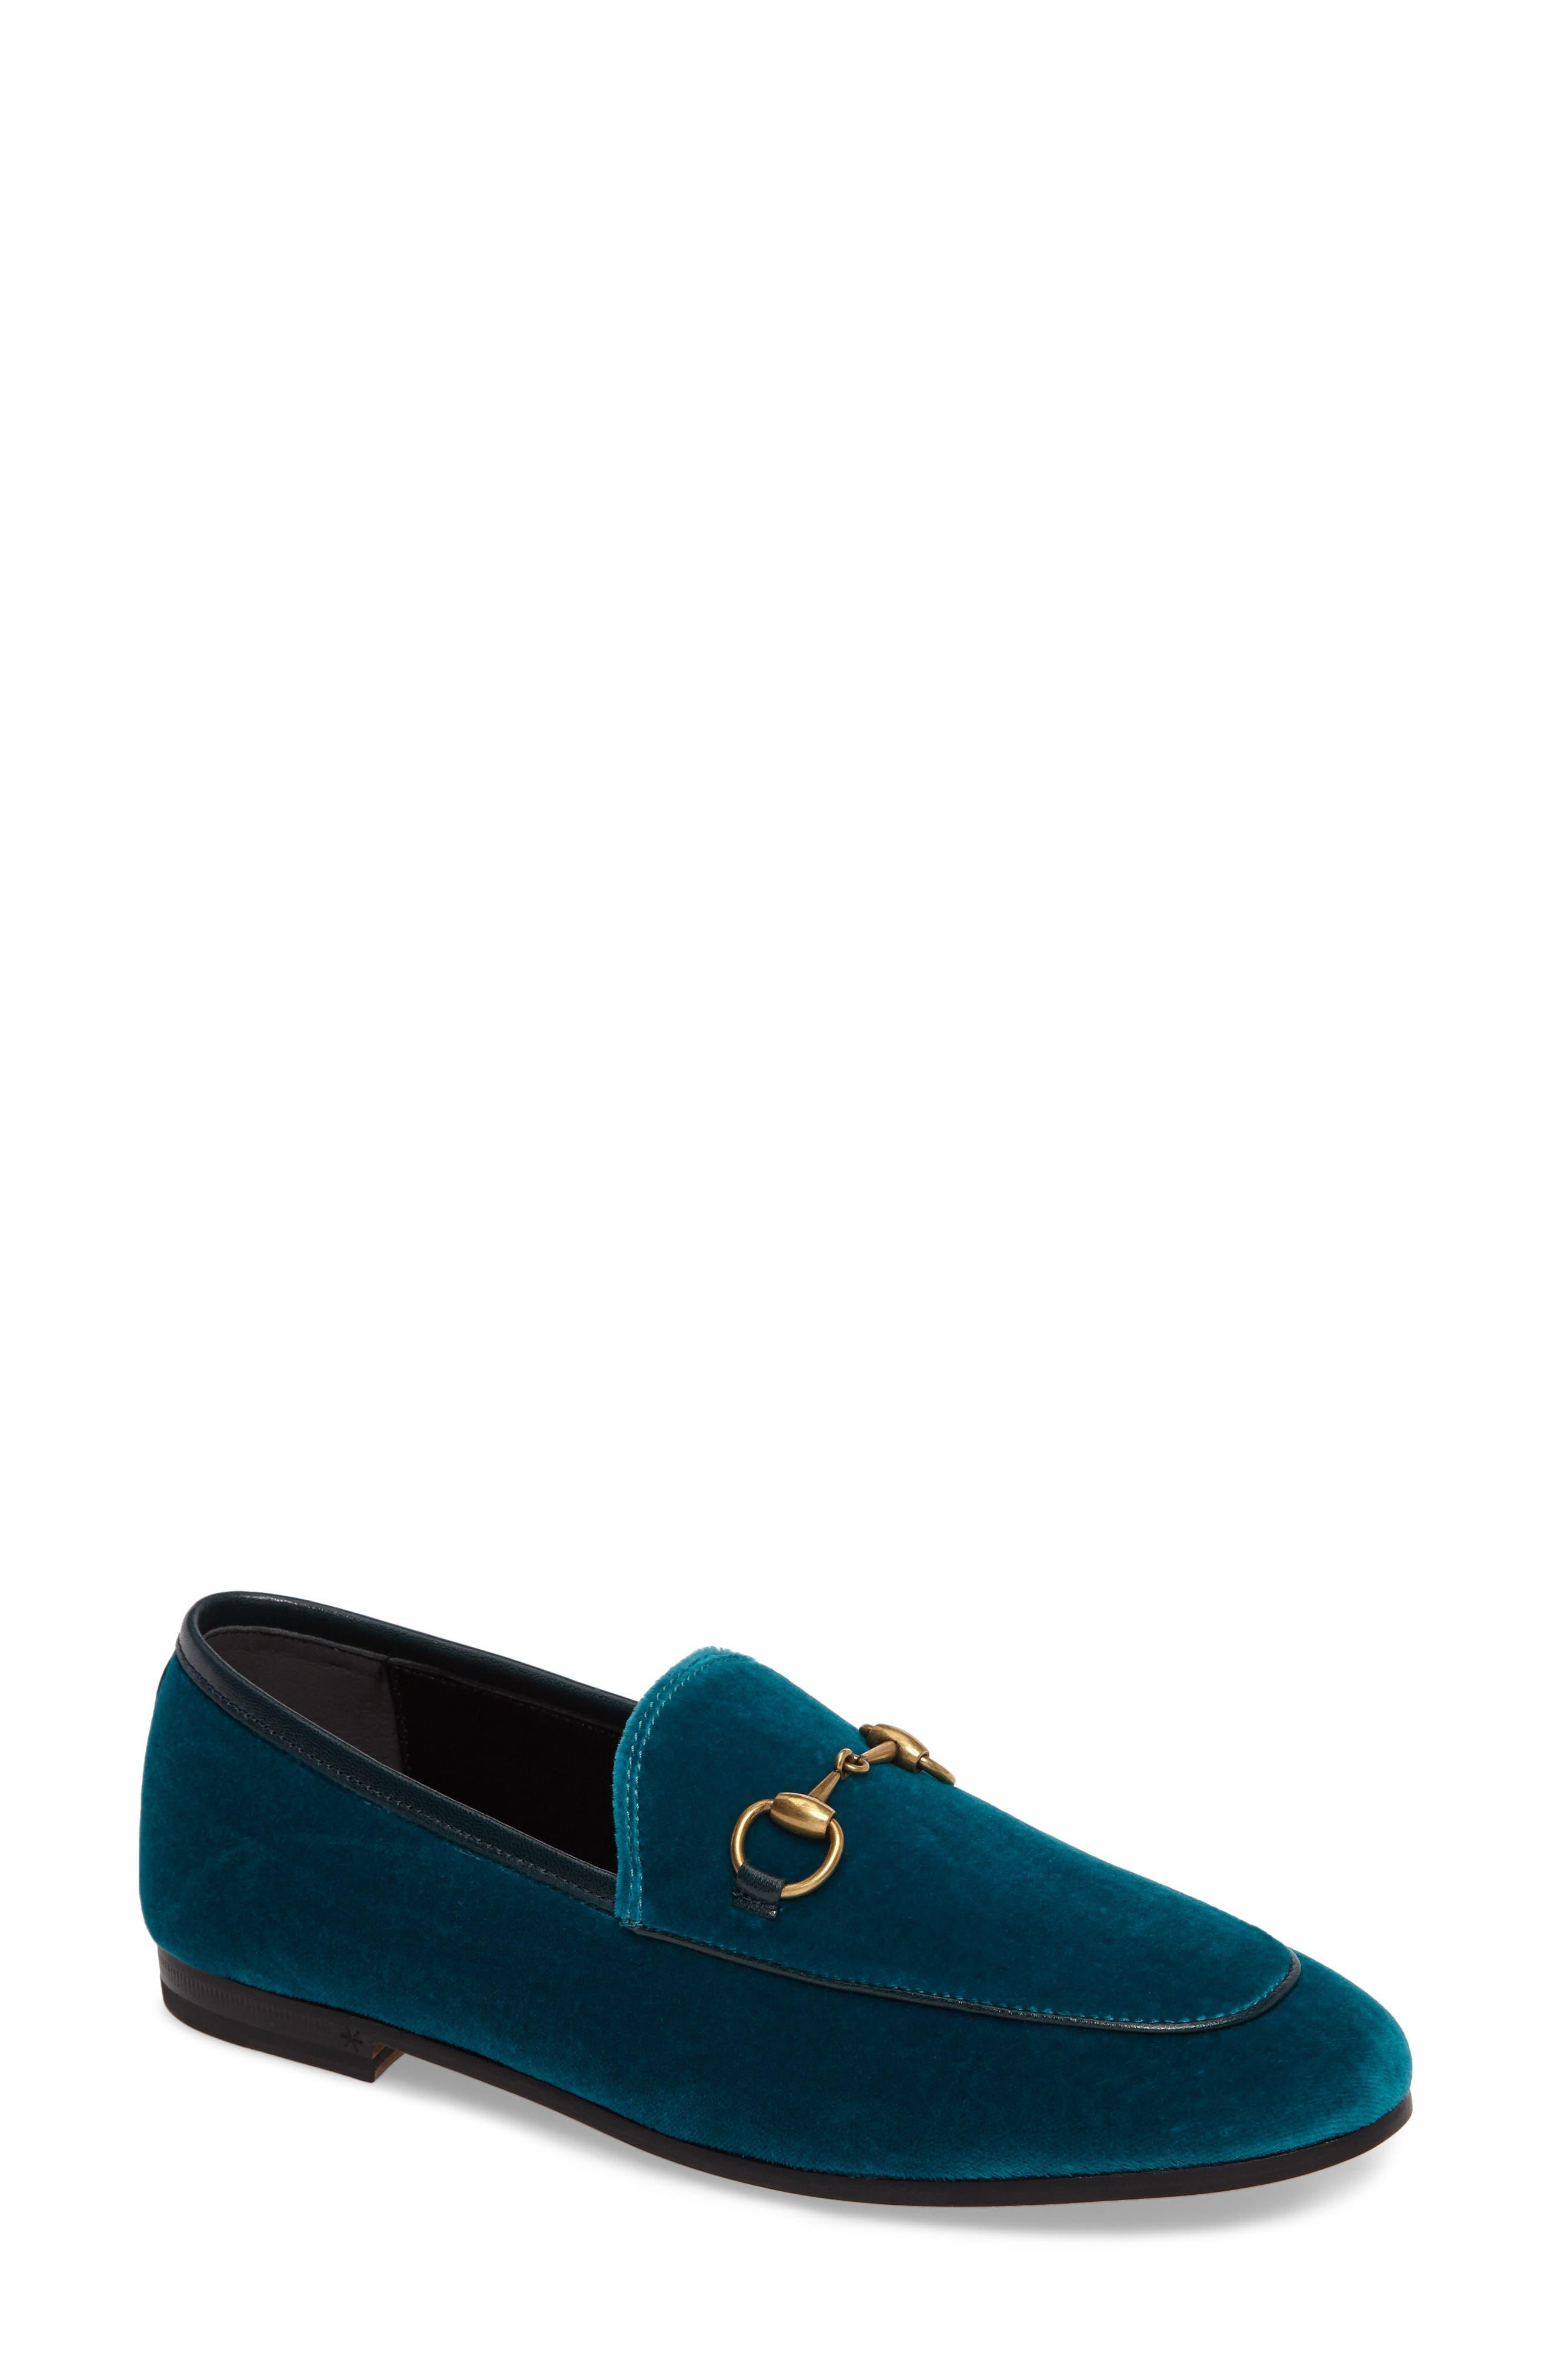 Brixton Velvet Loafer,                         Main,                         color, Blue Velvet